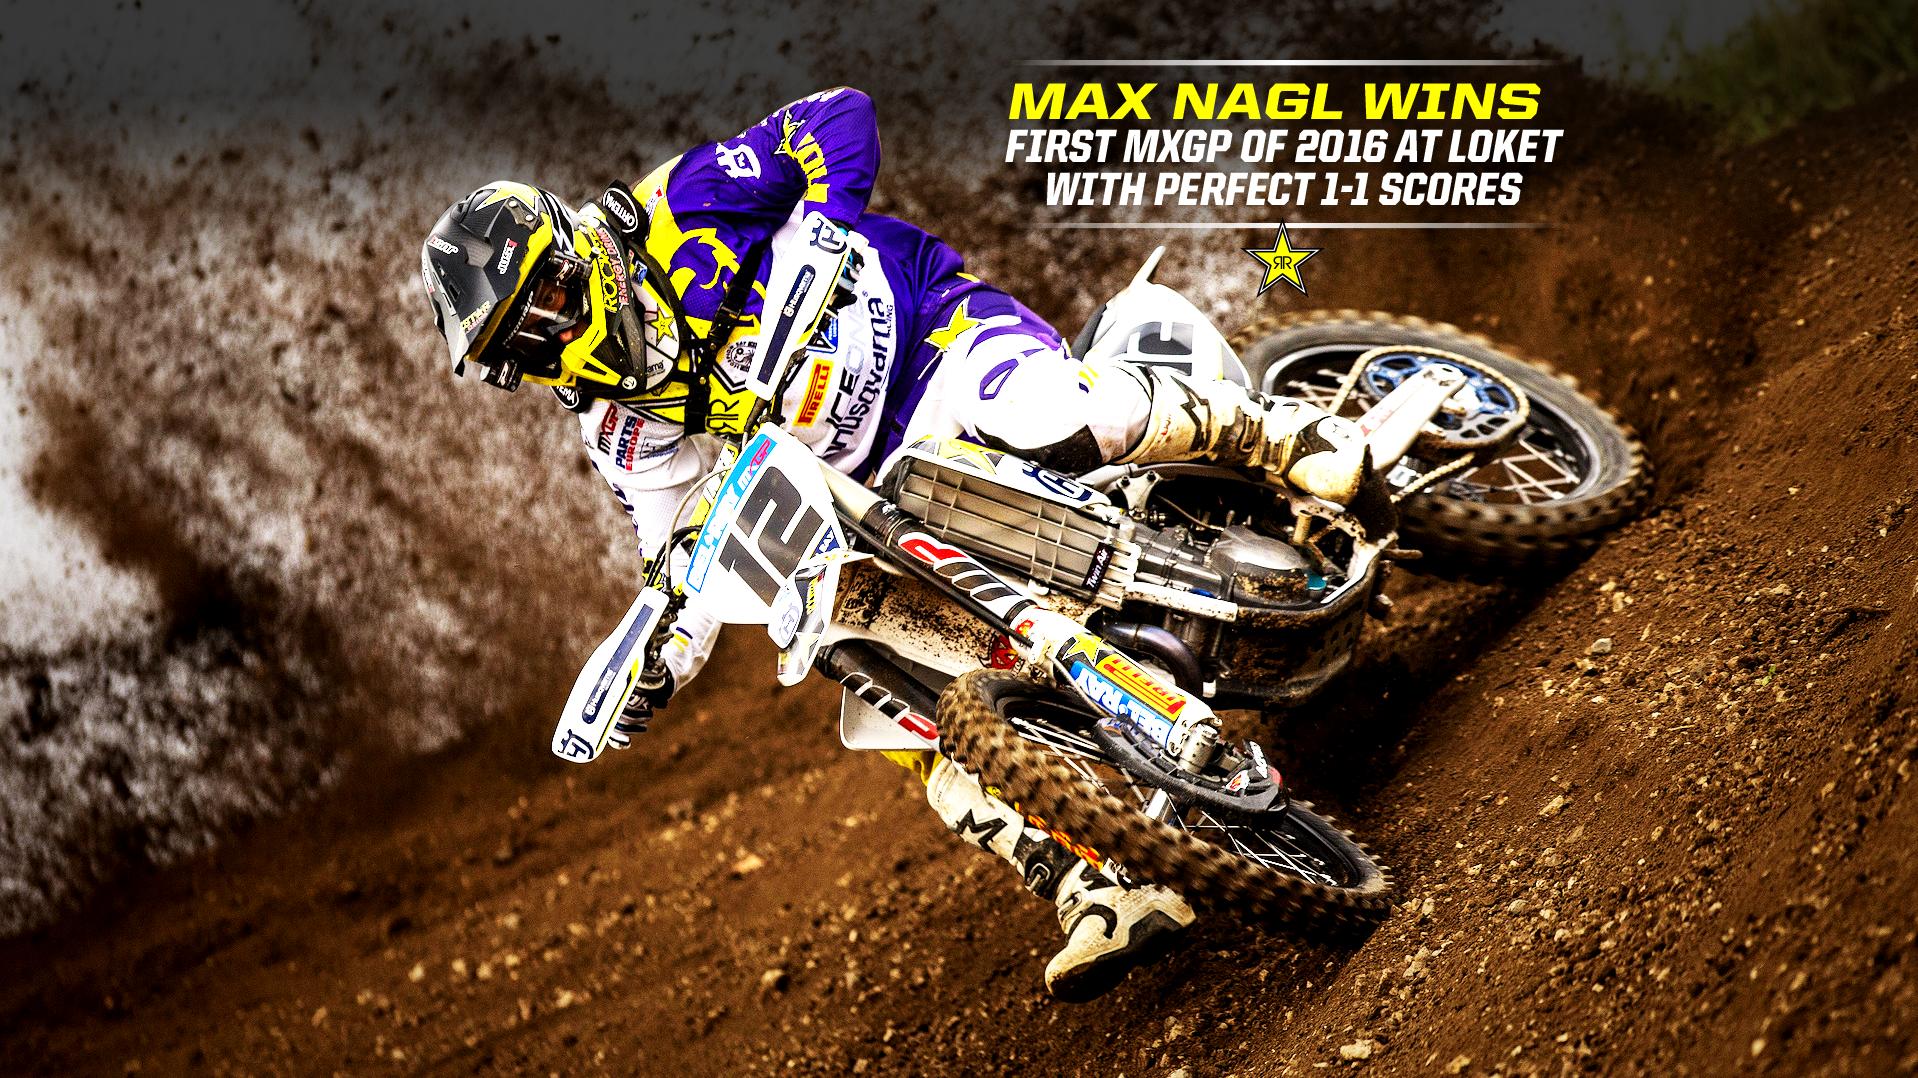 Max Nagl Wins